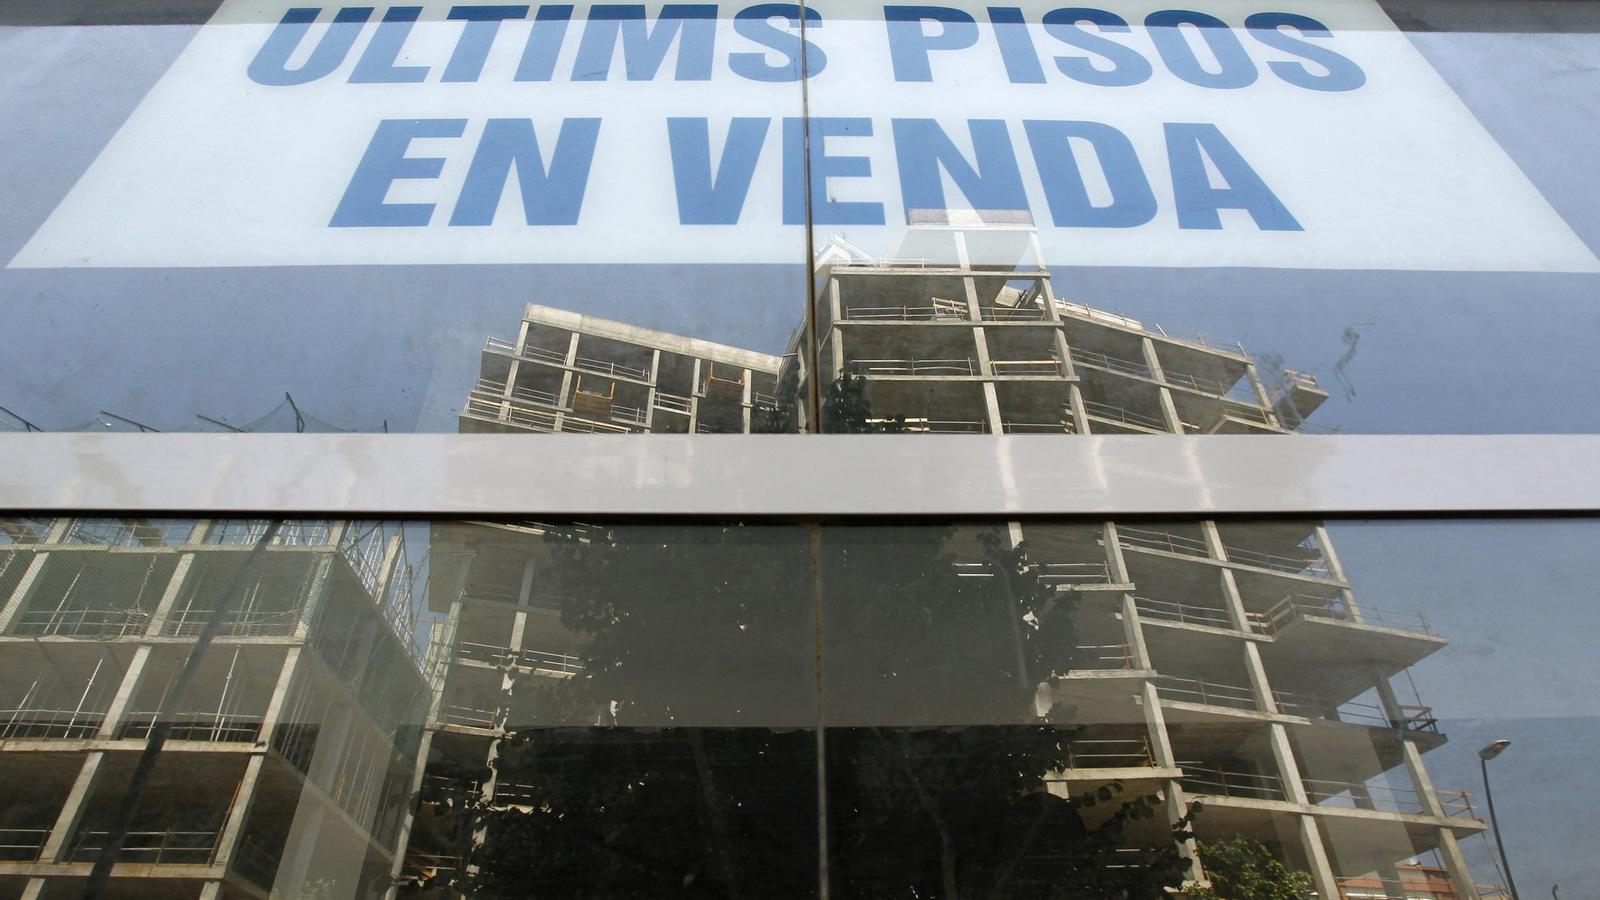 UNA CARTERA LLASTADA PELS ACTIUS TÒXICS  L'esclat de la bombolla immobiliària, a finals del 2007, va iniciar una successió de fallides d'empreses constructores i immobiliàries que van engreixar les carteres dels bancs i caixes espanyols amb crèdits impagats i pisos amb un valor de mercat molt inferior al de taxació.